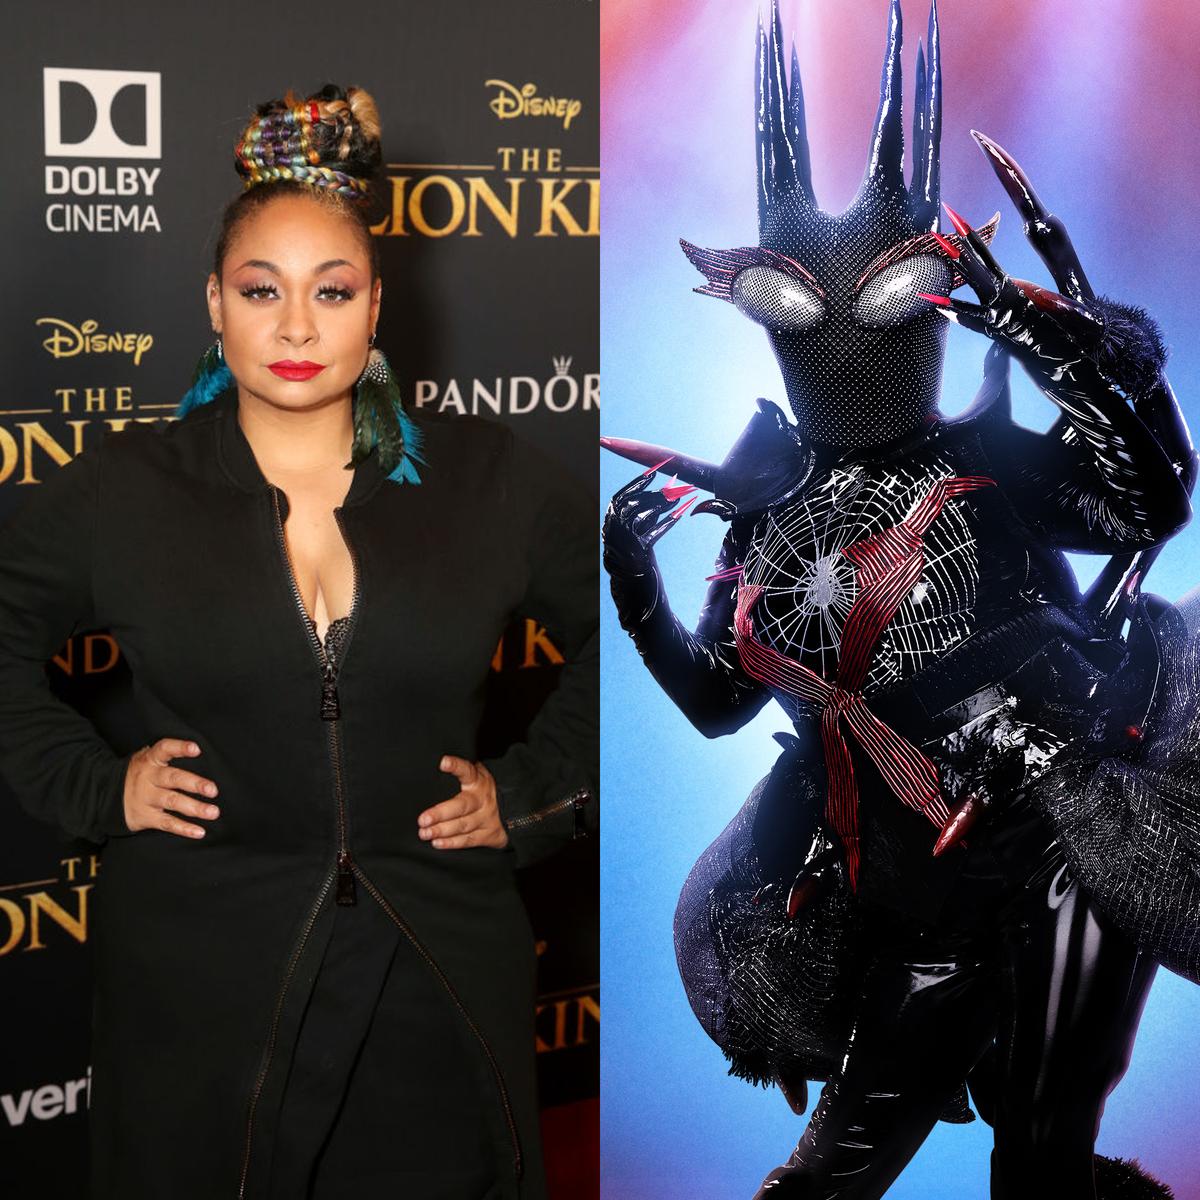 ¿Quién es la viuda negra en El cantante enmascarado? Twitter tiene una teoría sólida